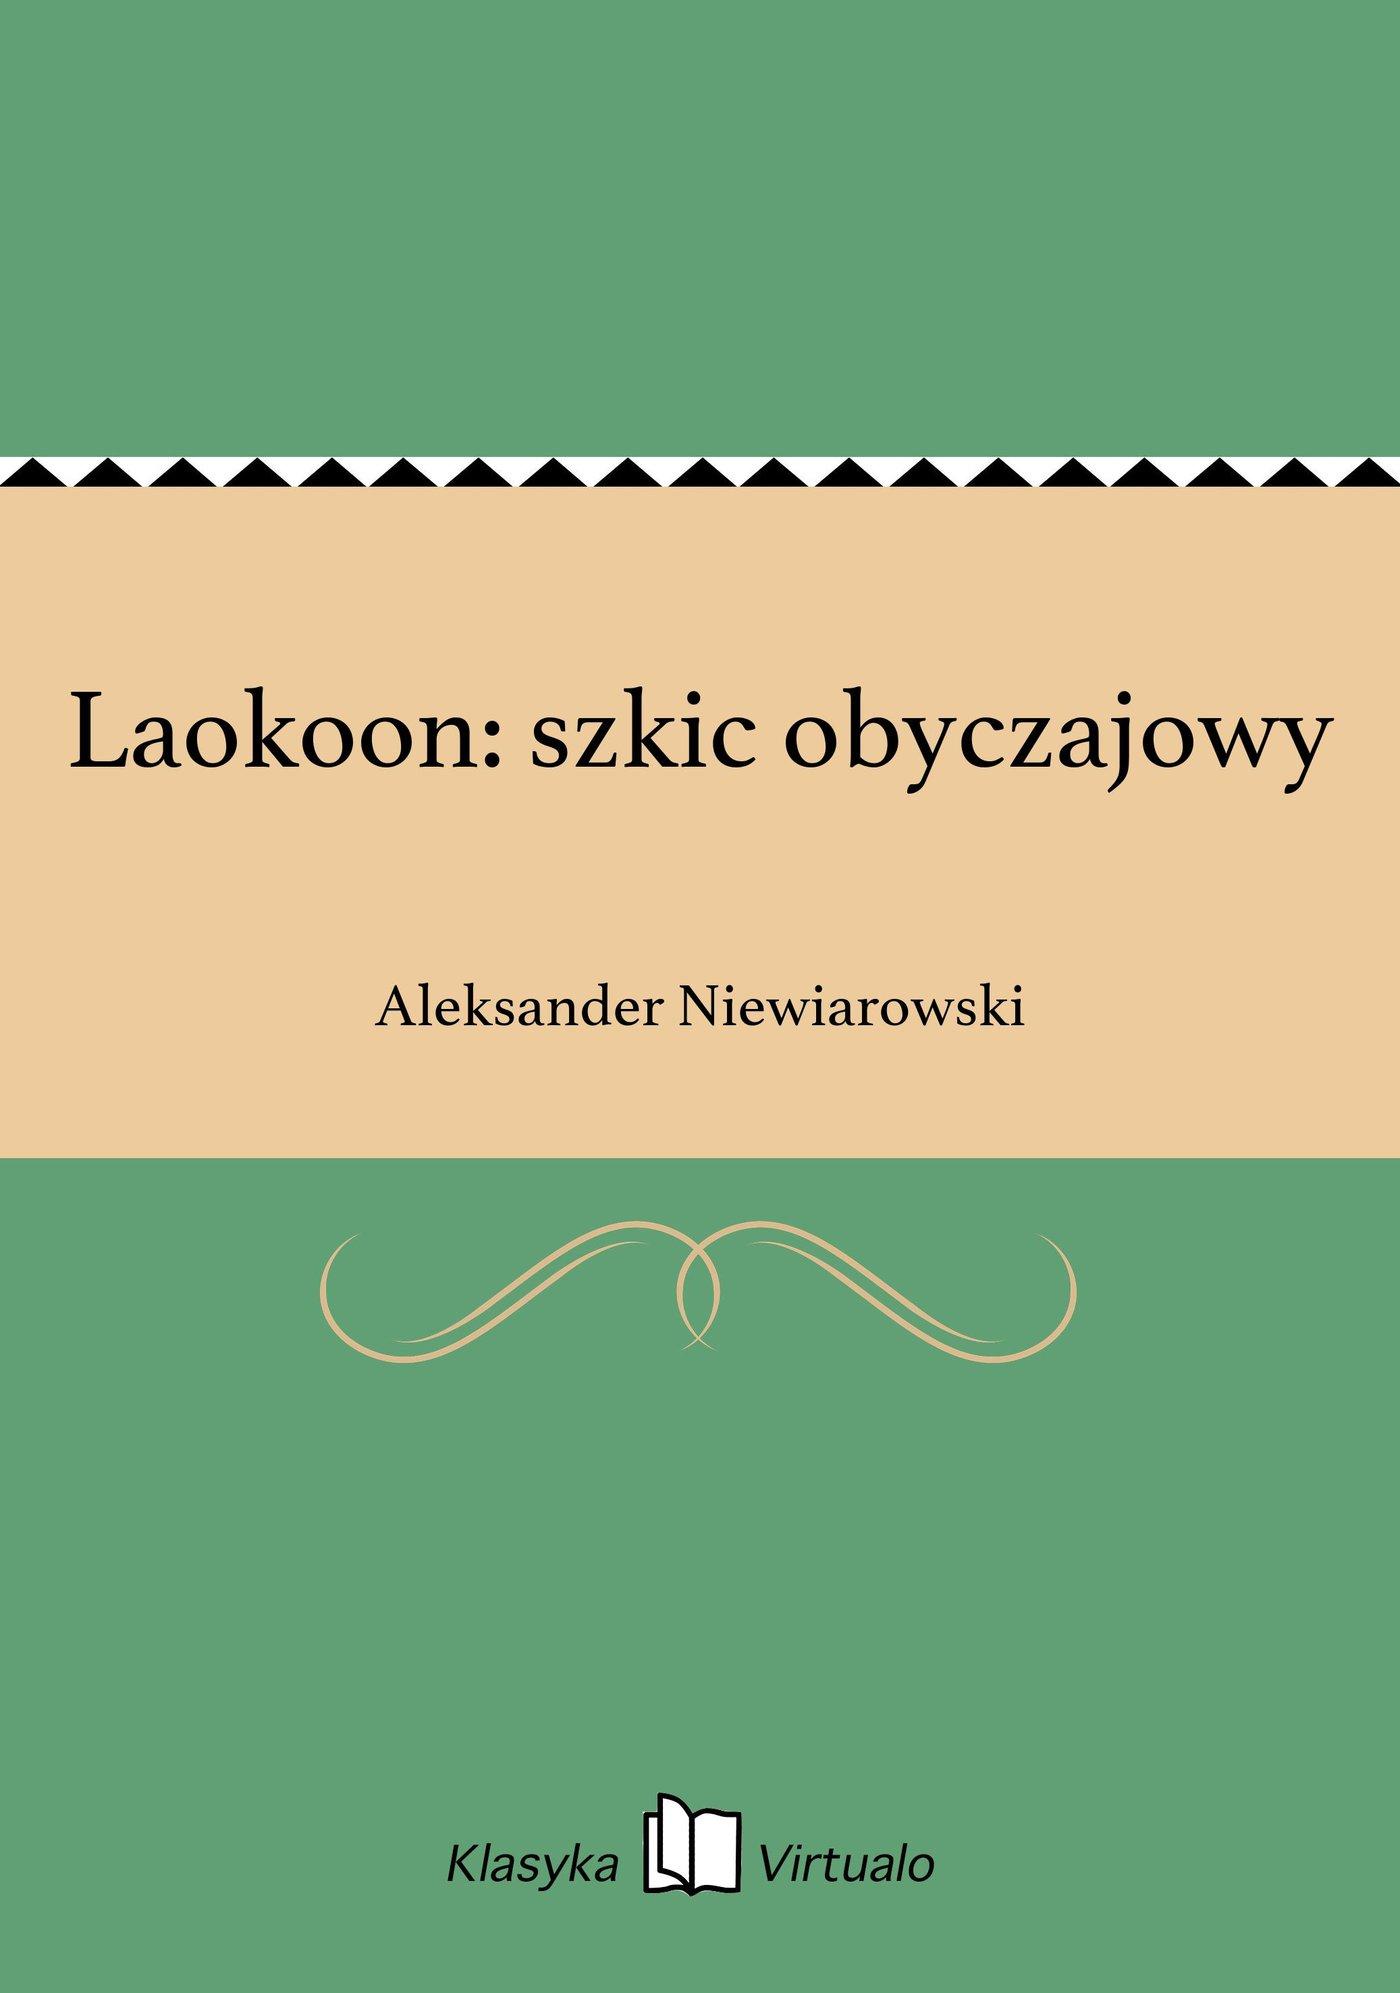 Laokoon: szkic obyczajowy - Ebook (Książka EPUB) do pobrania w formacie EPUB